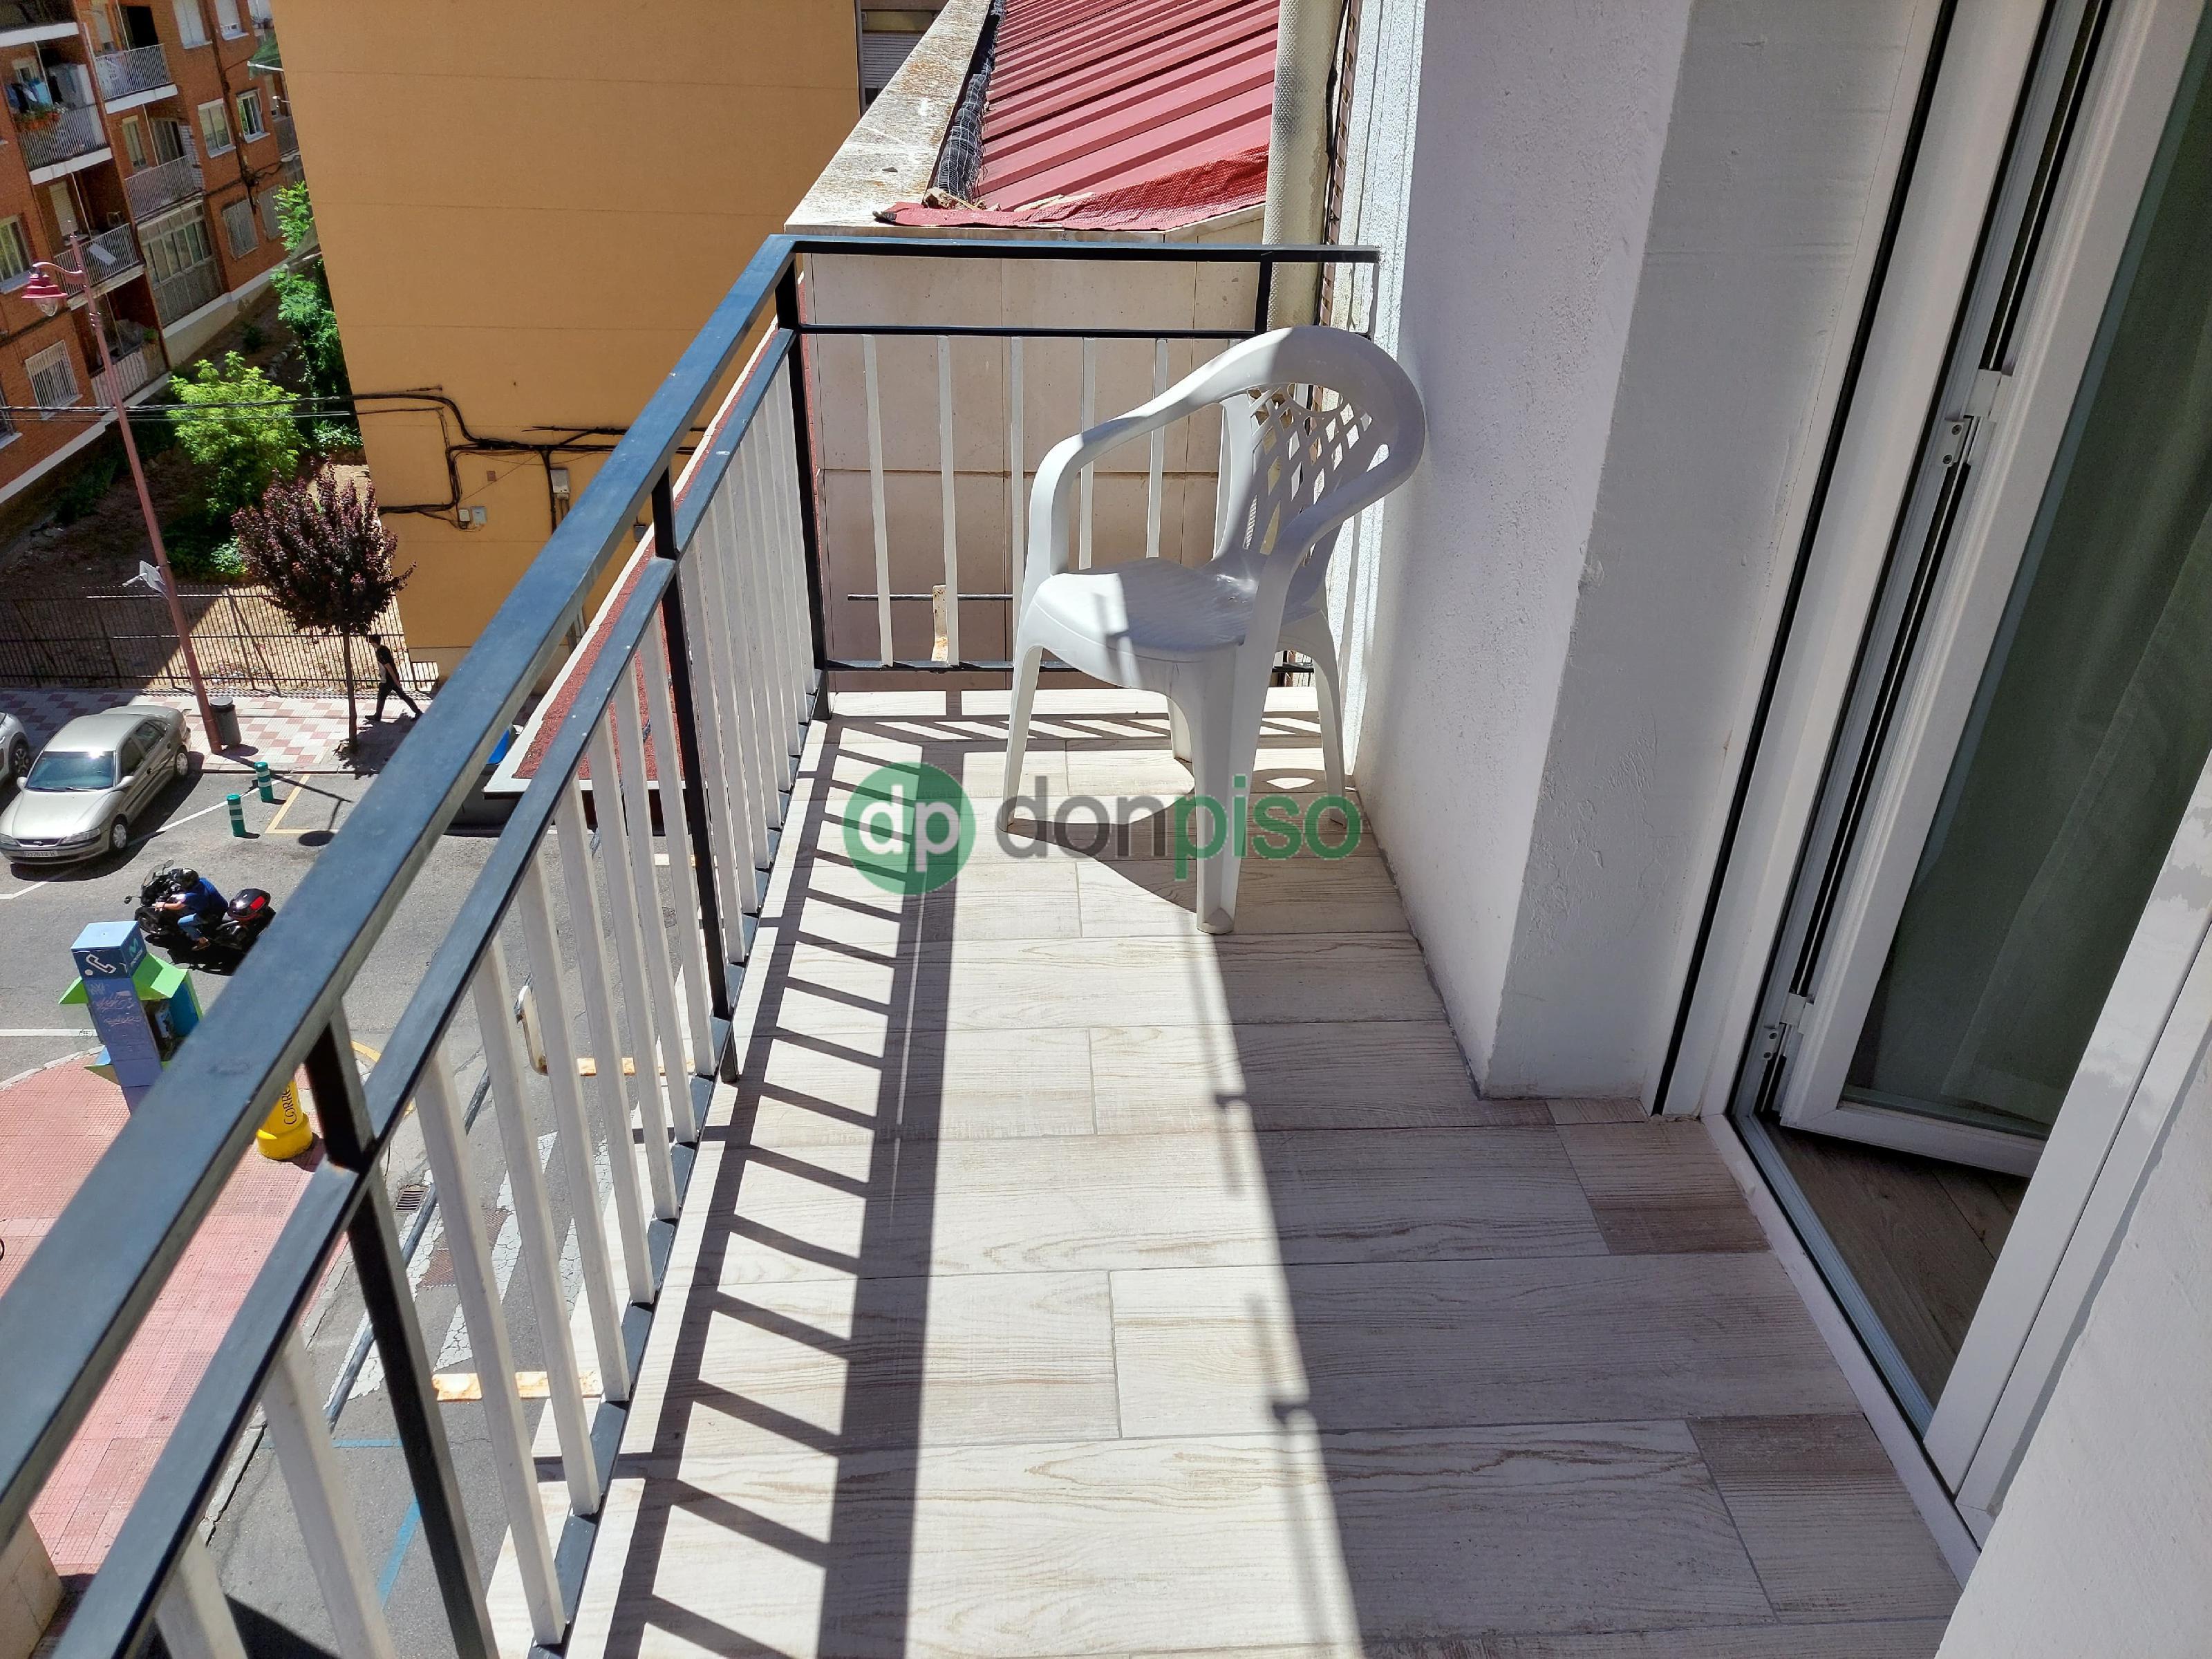 Imagen 3 Piso en alquiler en Guadalajara / Zona La Llanilla